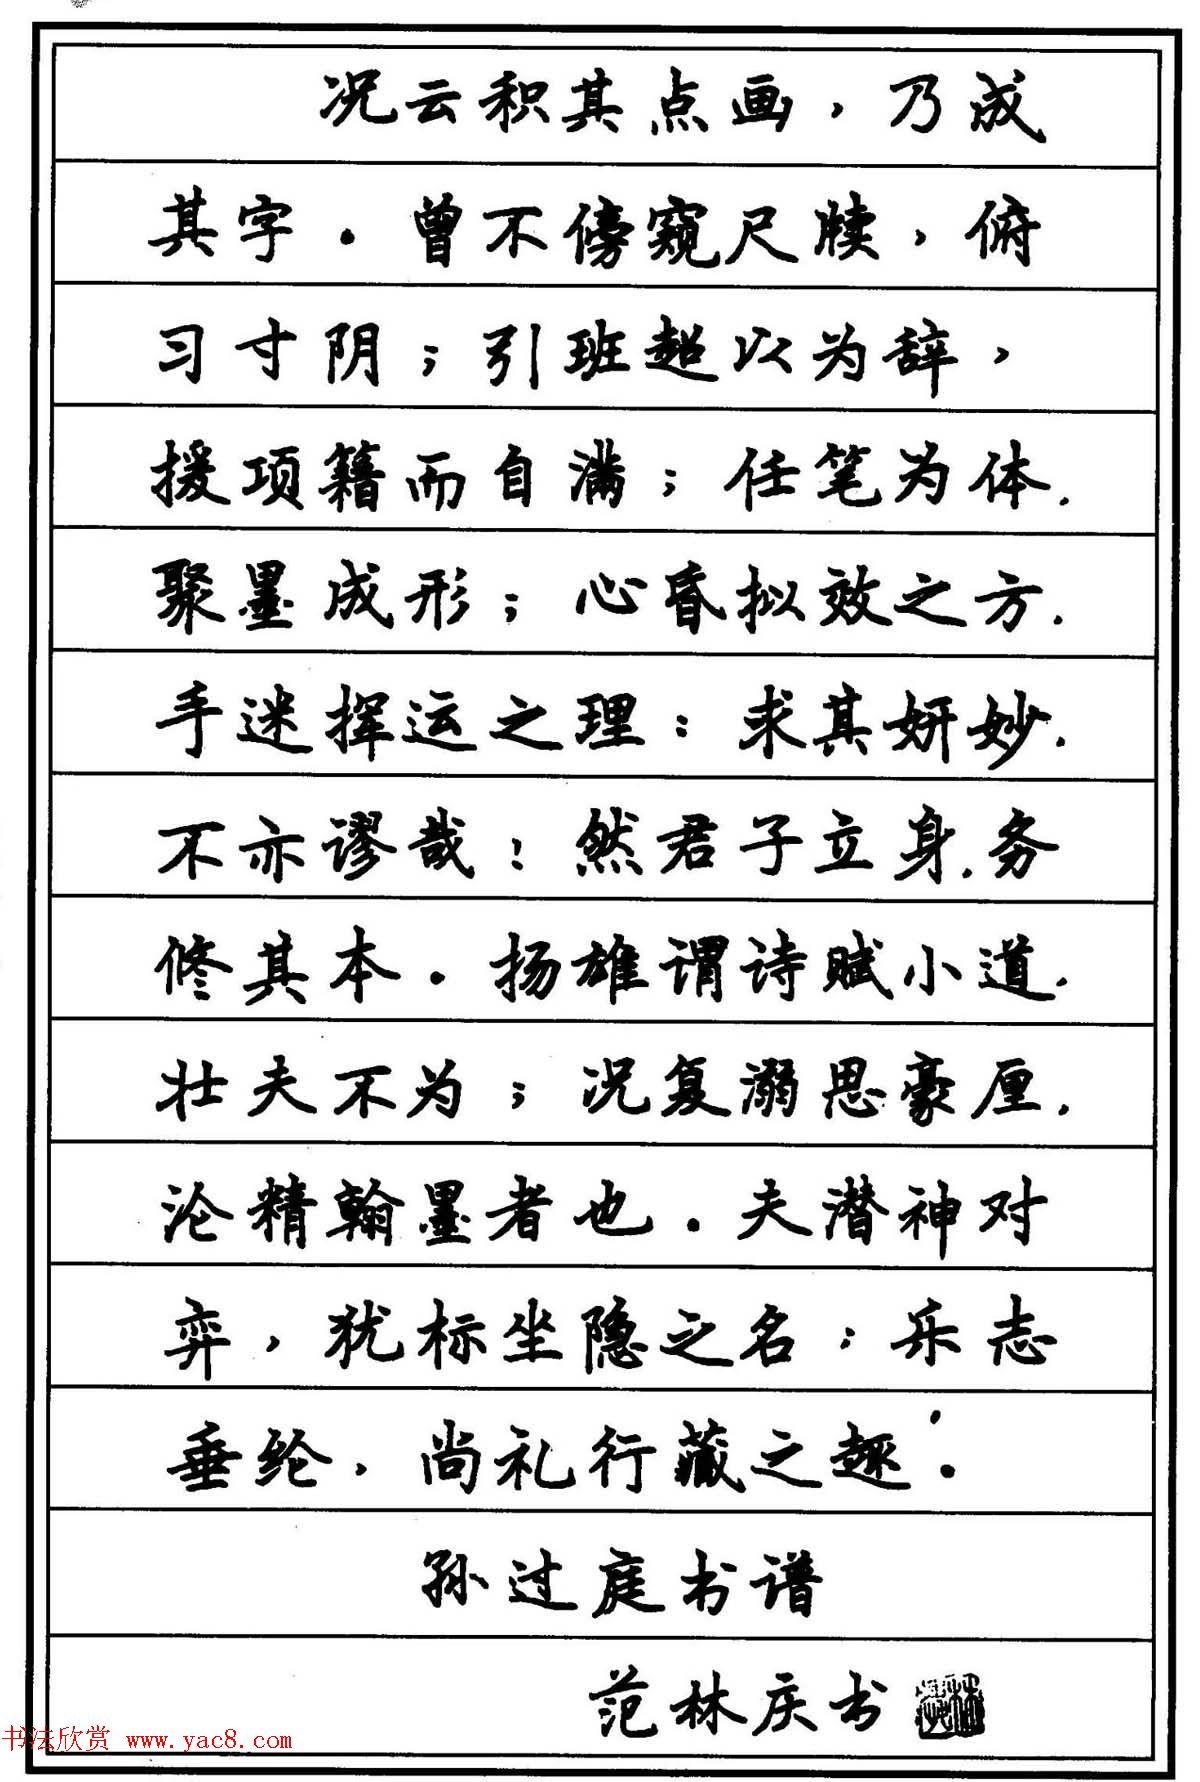 范林庆硬笔书法楷书作品欣赏(上)*   硬笔书法楷书中,哪个名家的字图片